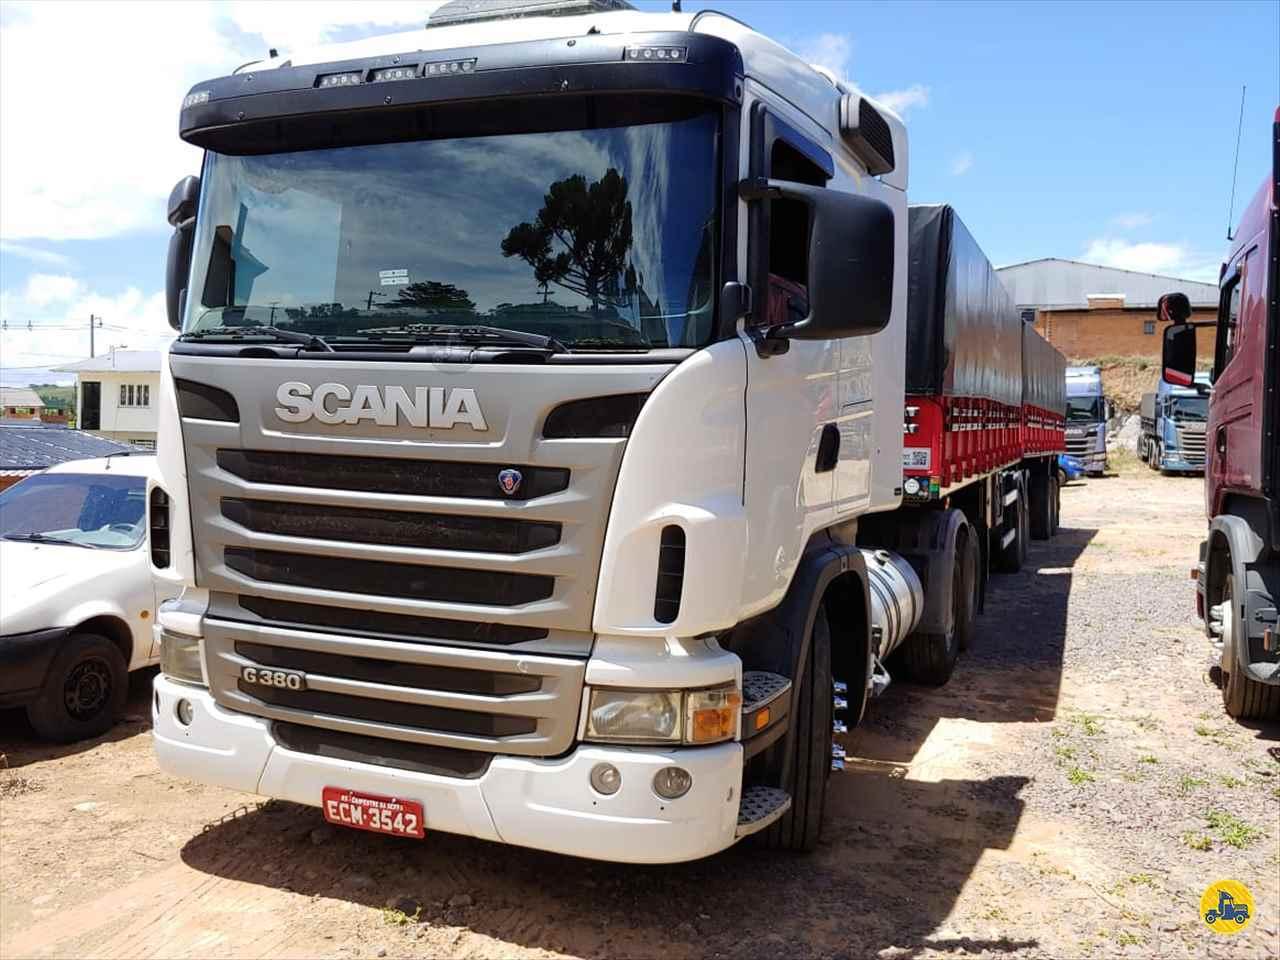 SCANIA 380 de Zanon Caminhões e Implementos - PASSO FUNDO/RS